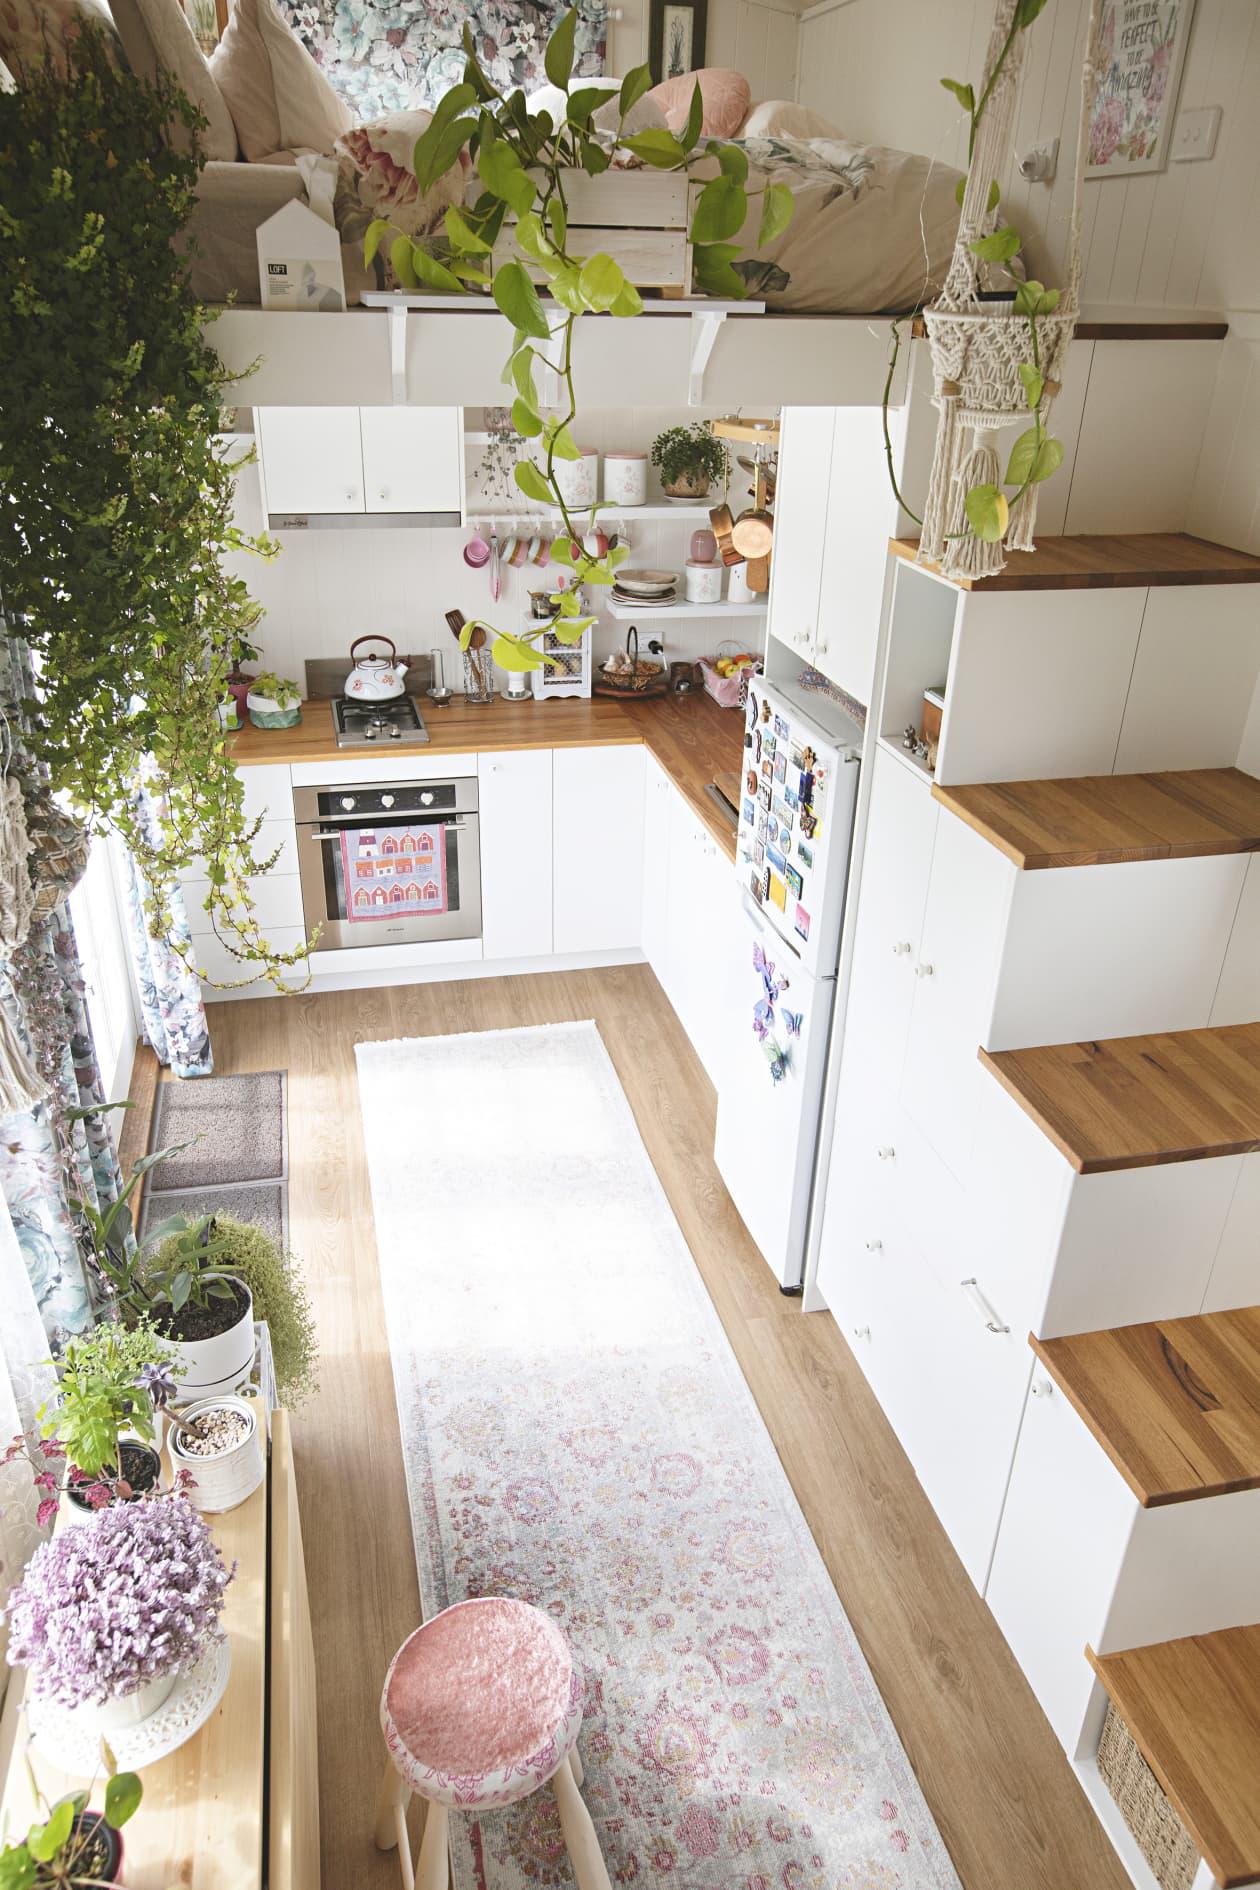 Ngôi nhà nhỏ được thiết kế theo phong cách Bohemian mang lại cảm giác rộng rãi nhờ ánh sáng và kệ lưu trữ thông minh - Ảnh 3.